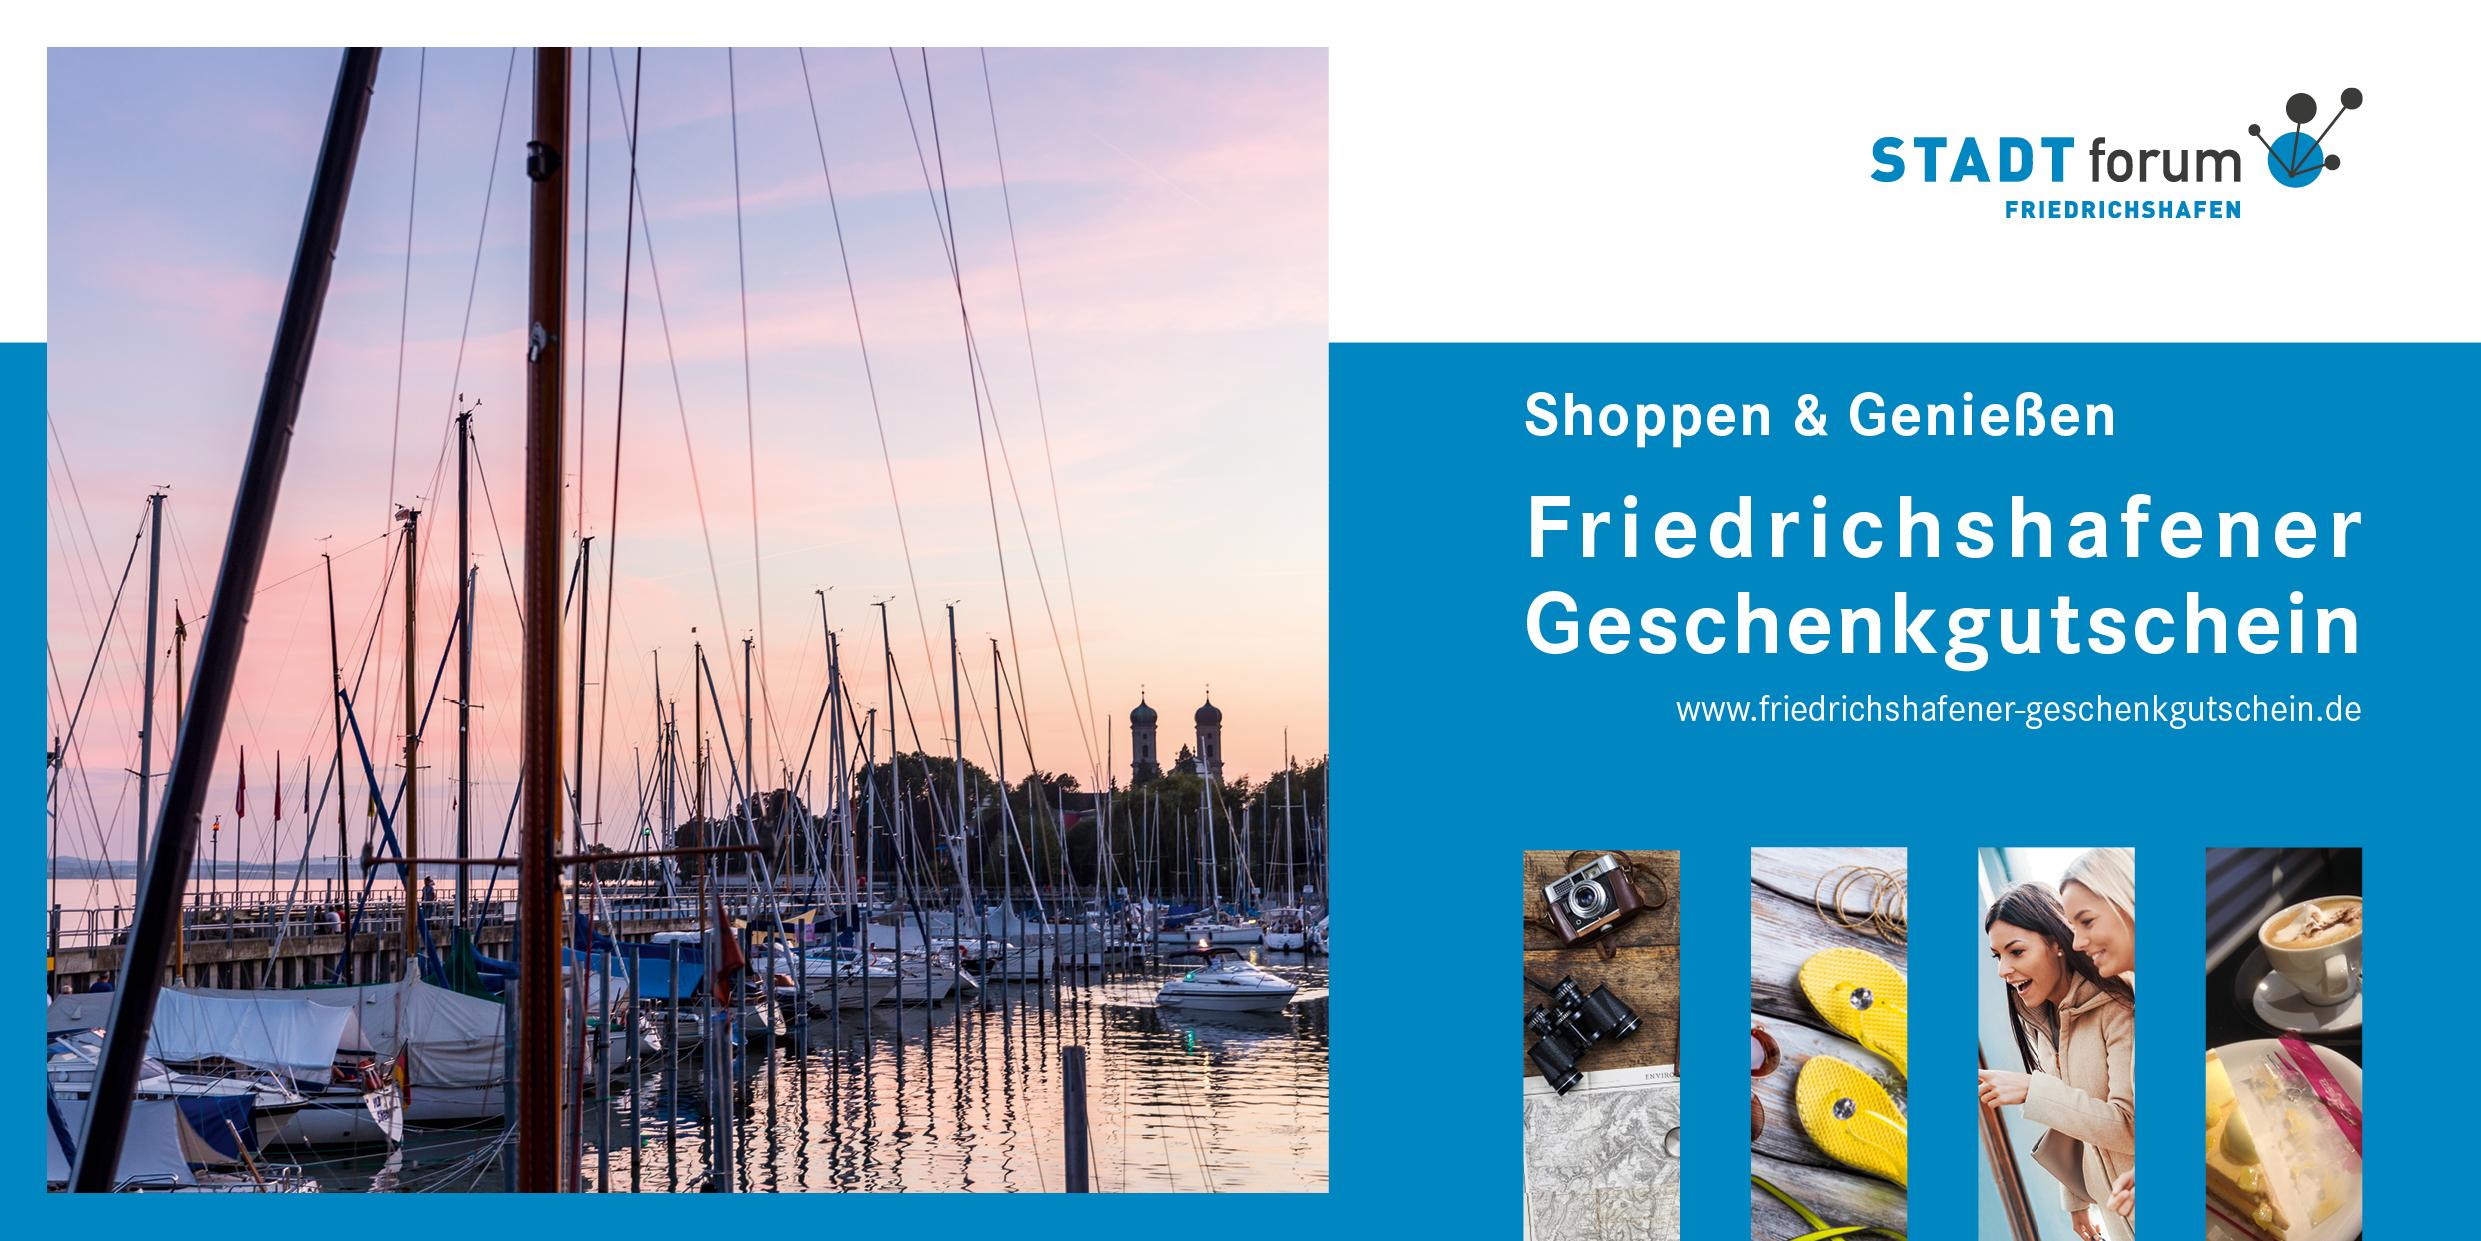 Friedrichshafener Geschenkgutschein 10 €